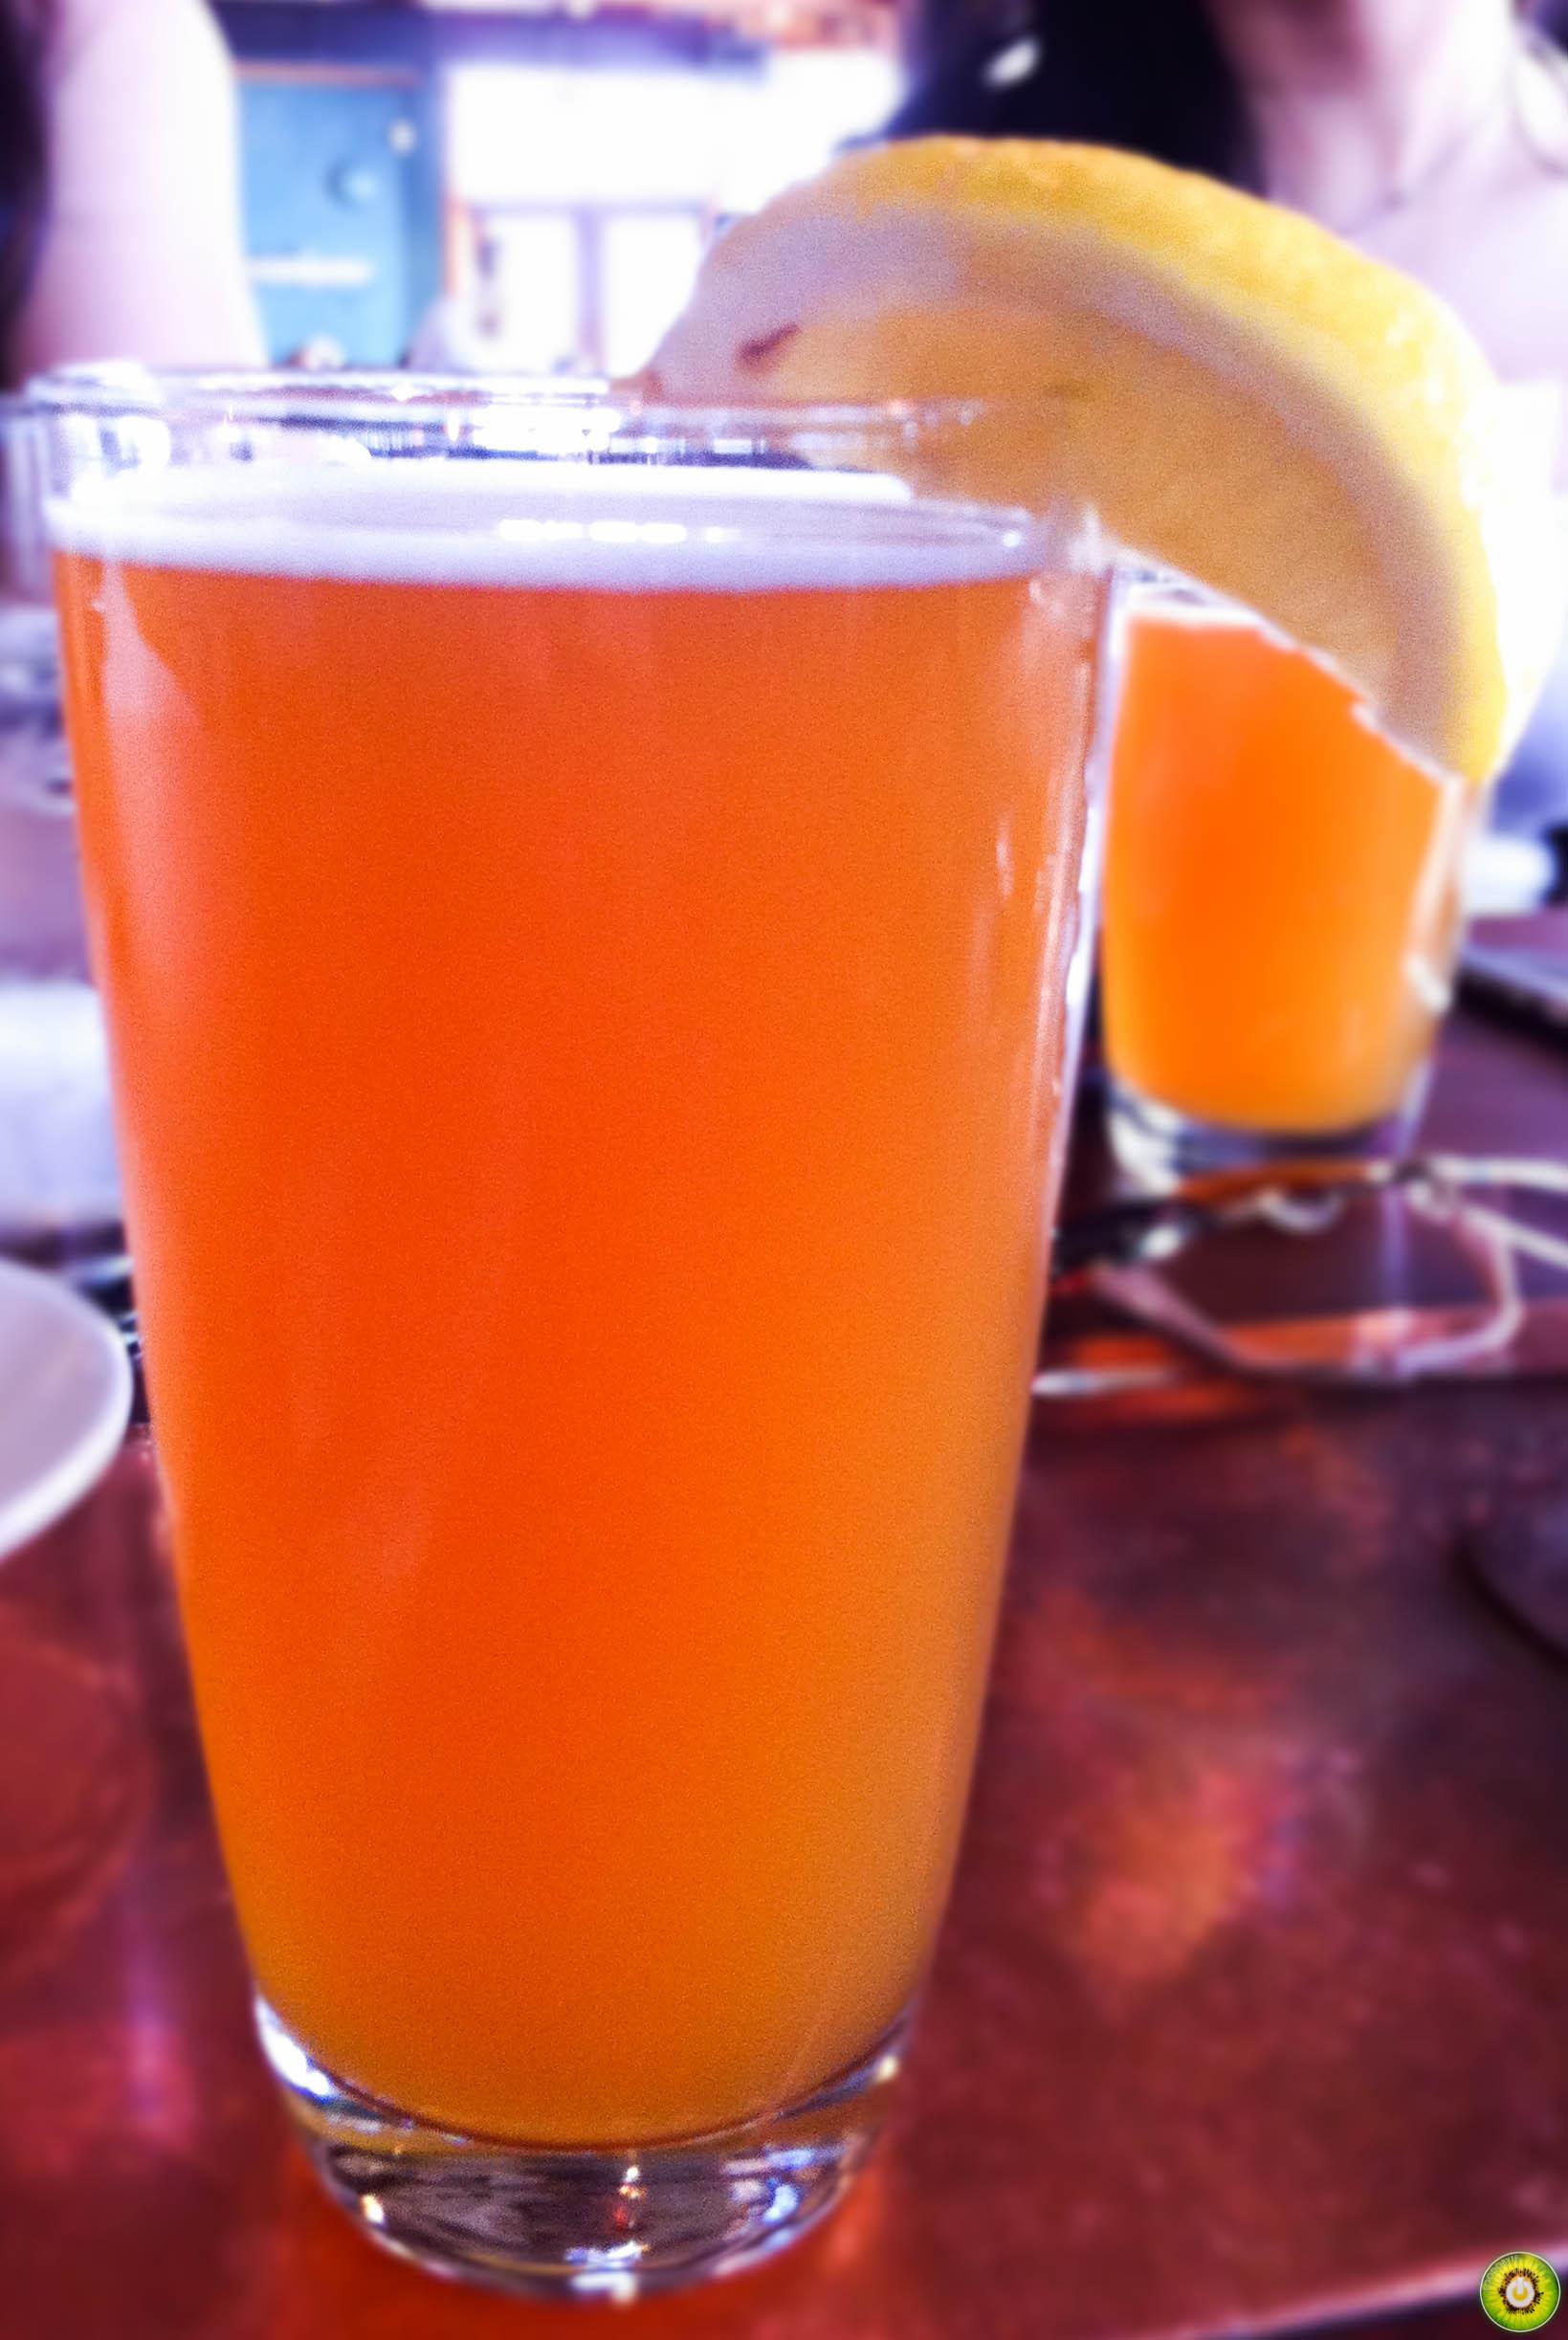 Granville Island Beer